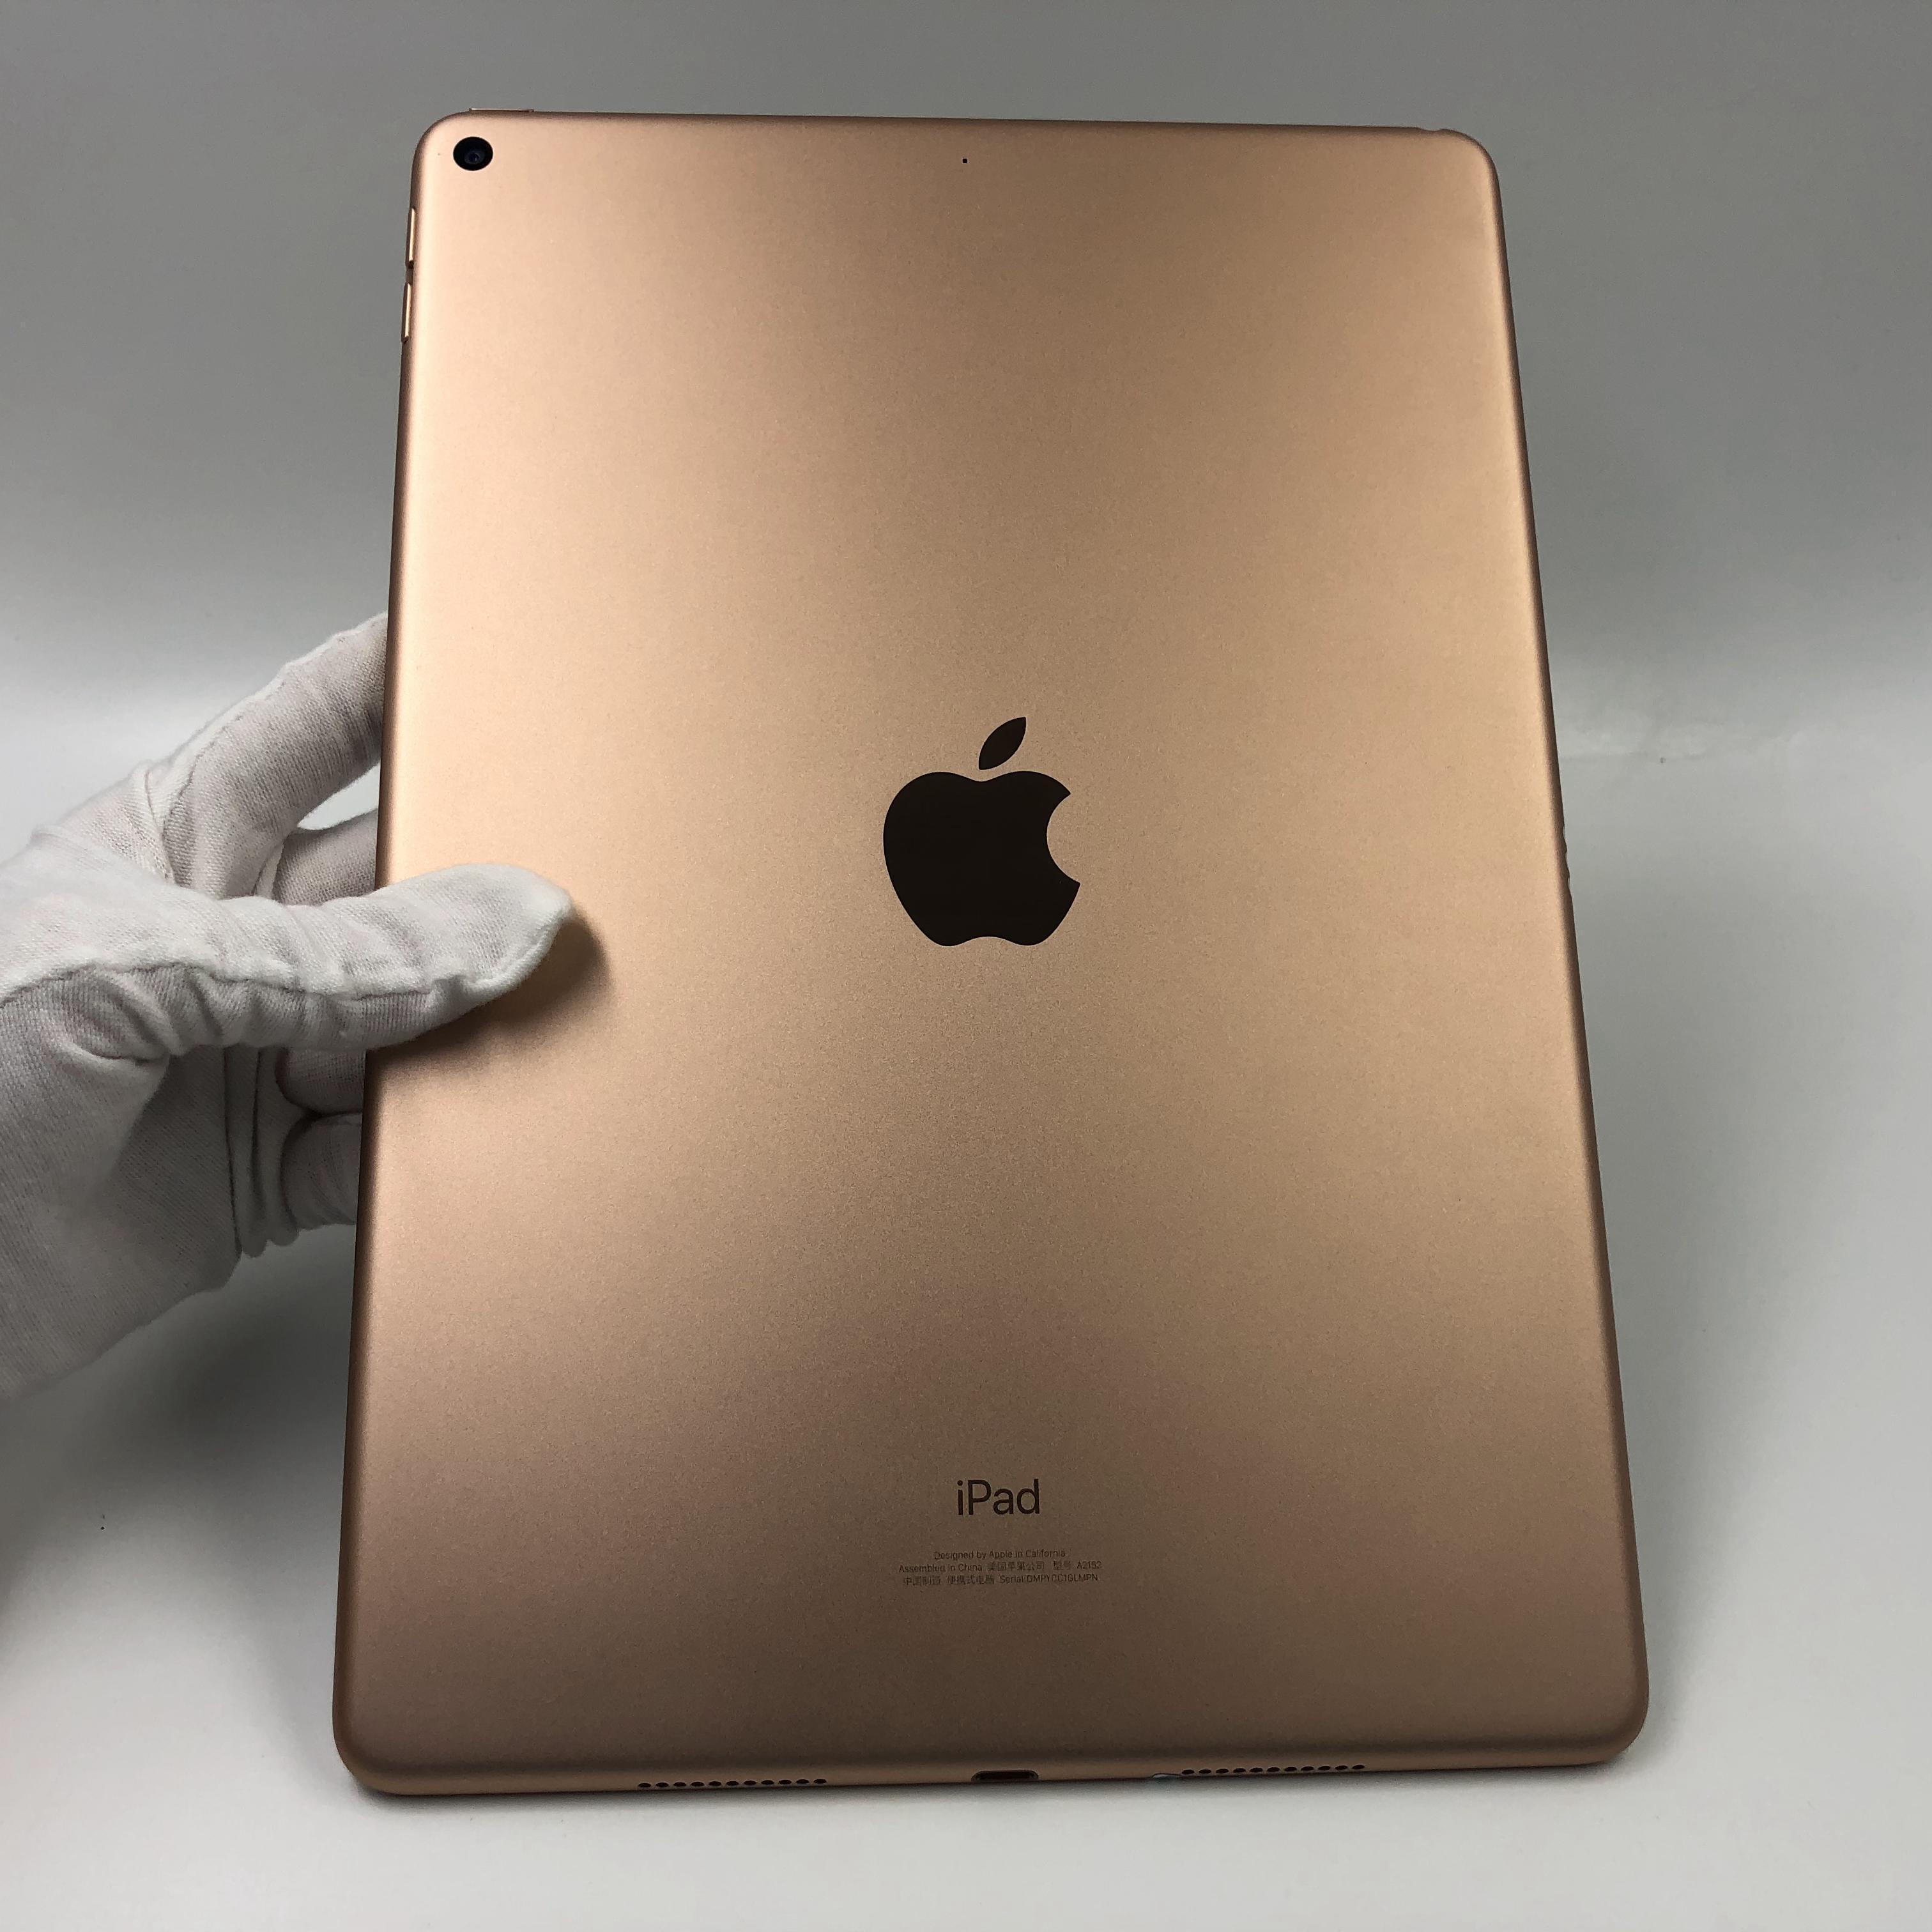 苹果【iPad Air3 10.5英寸 19款】WIFI版 金色 256G 国行 99新 真机实拍